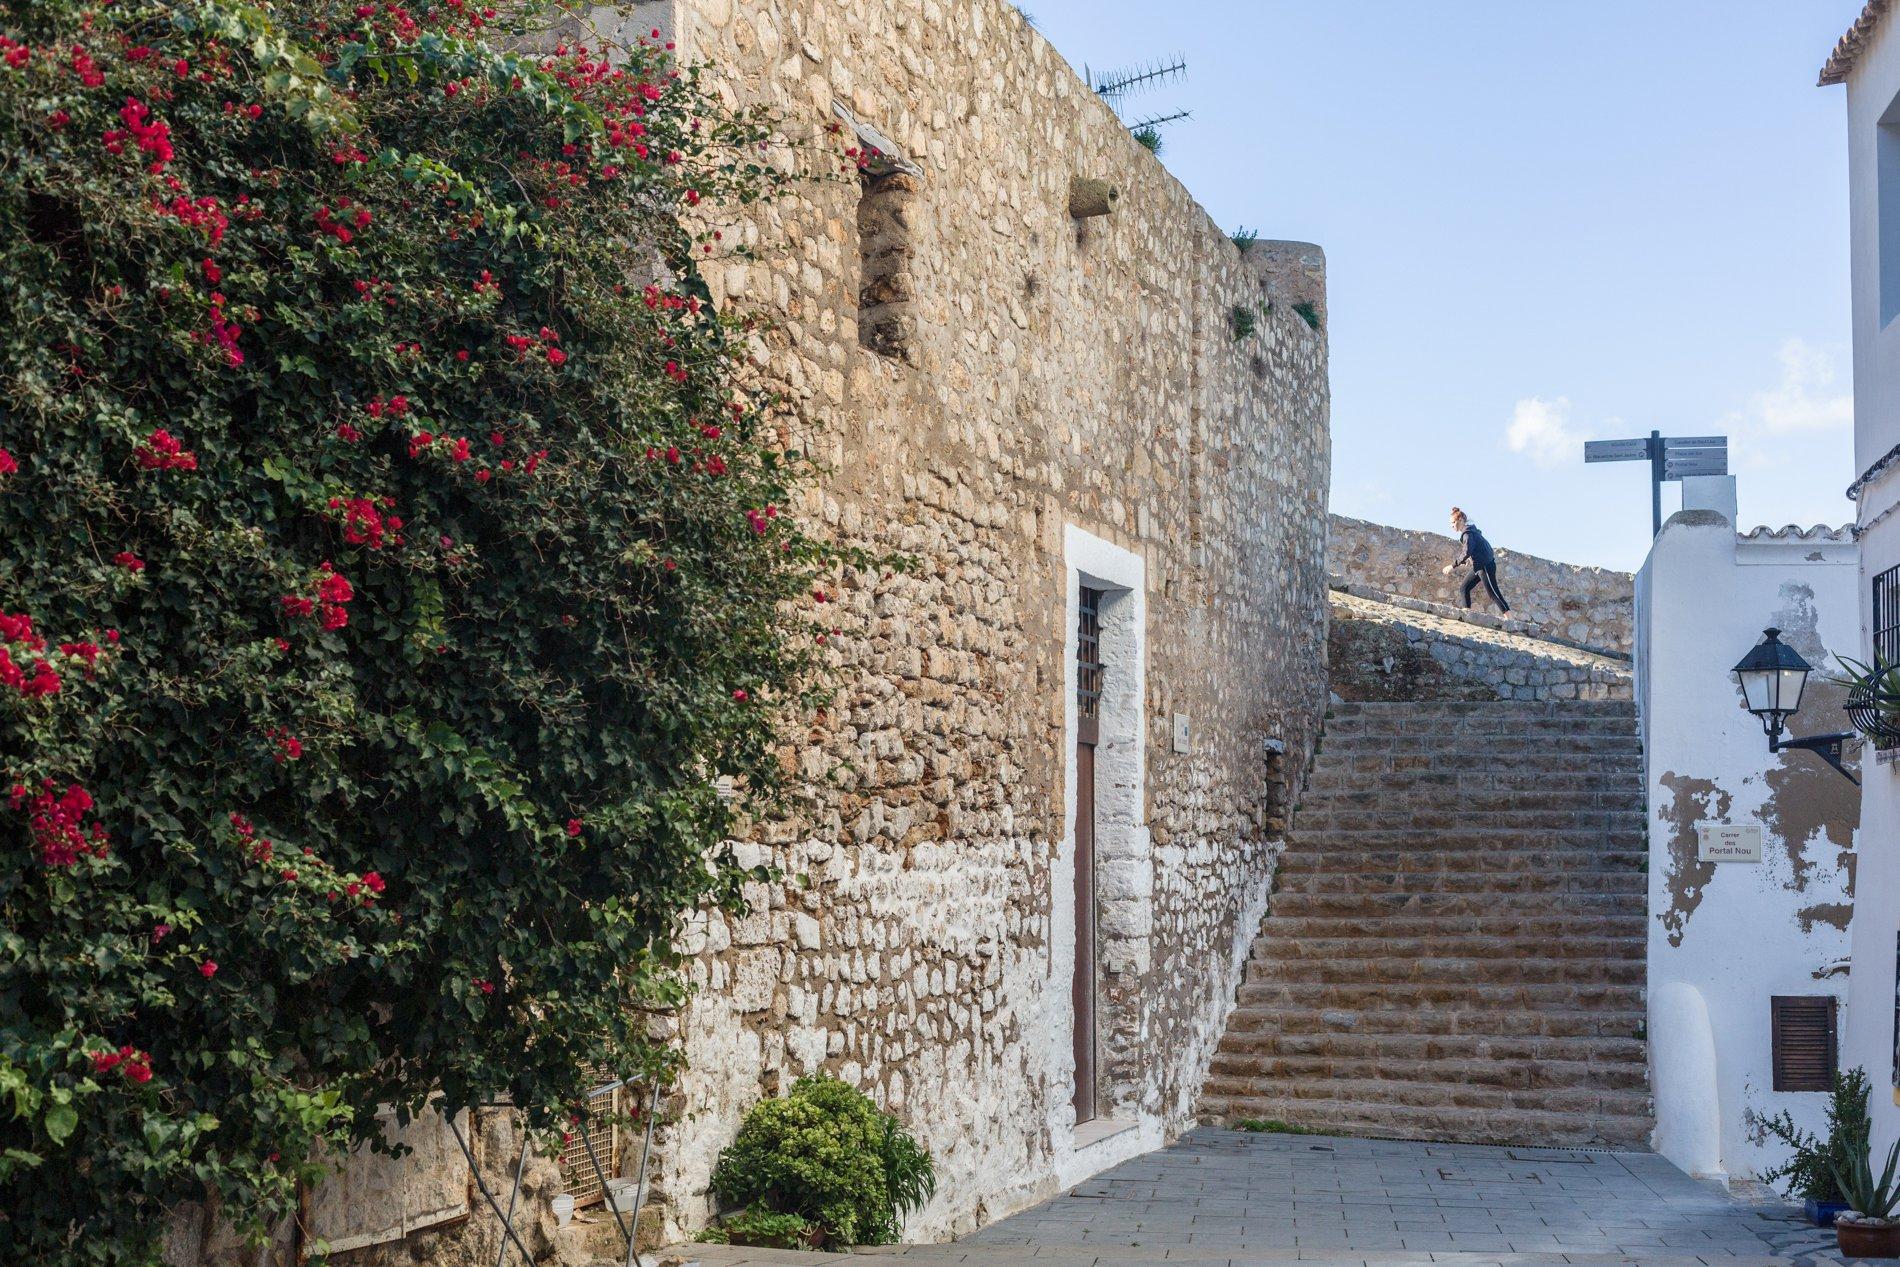 Ibiza en otoño e invierno: Dalt Vila